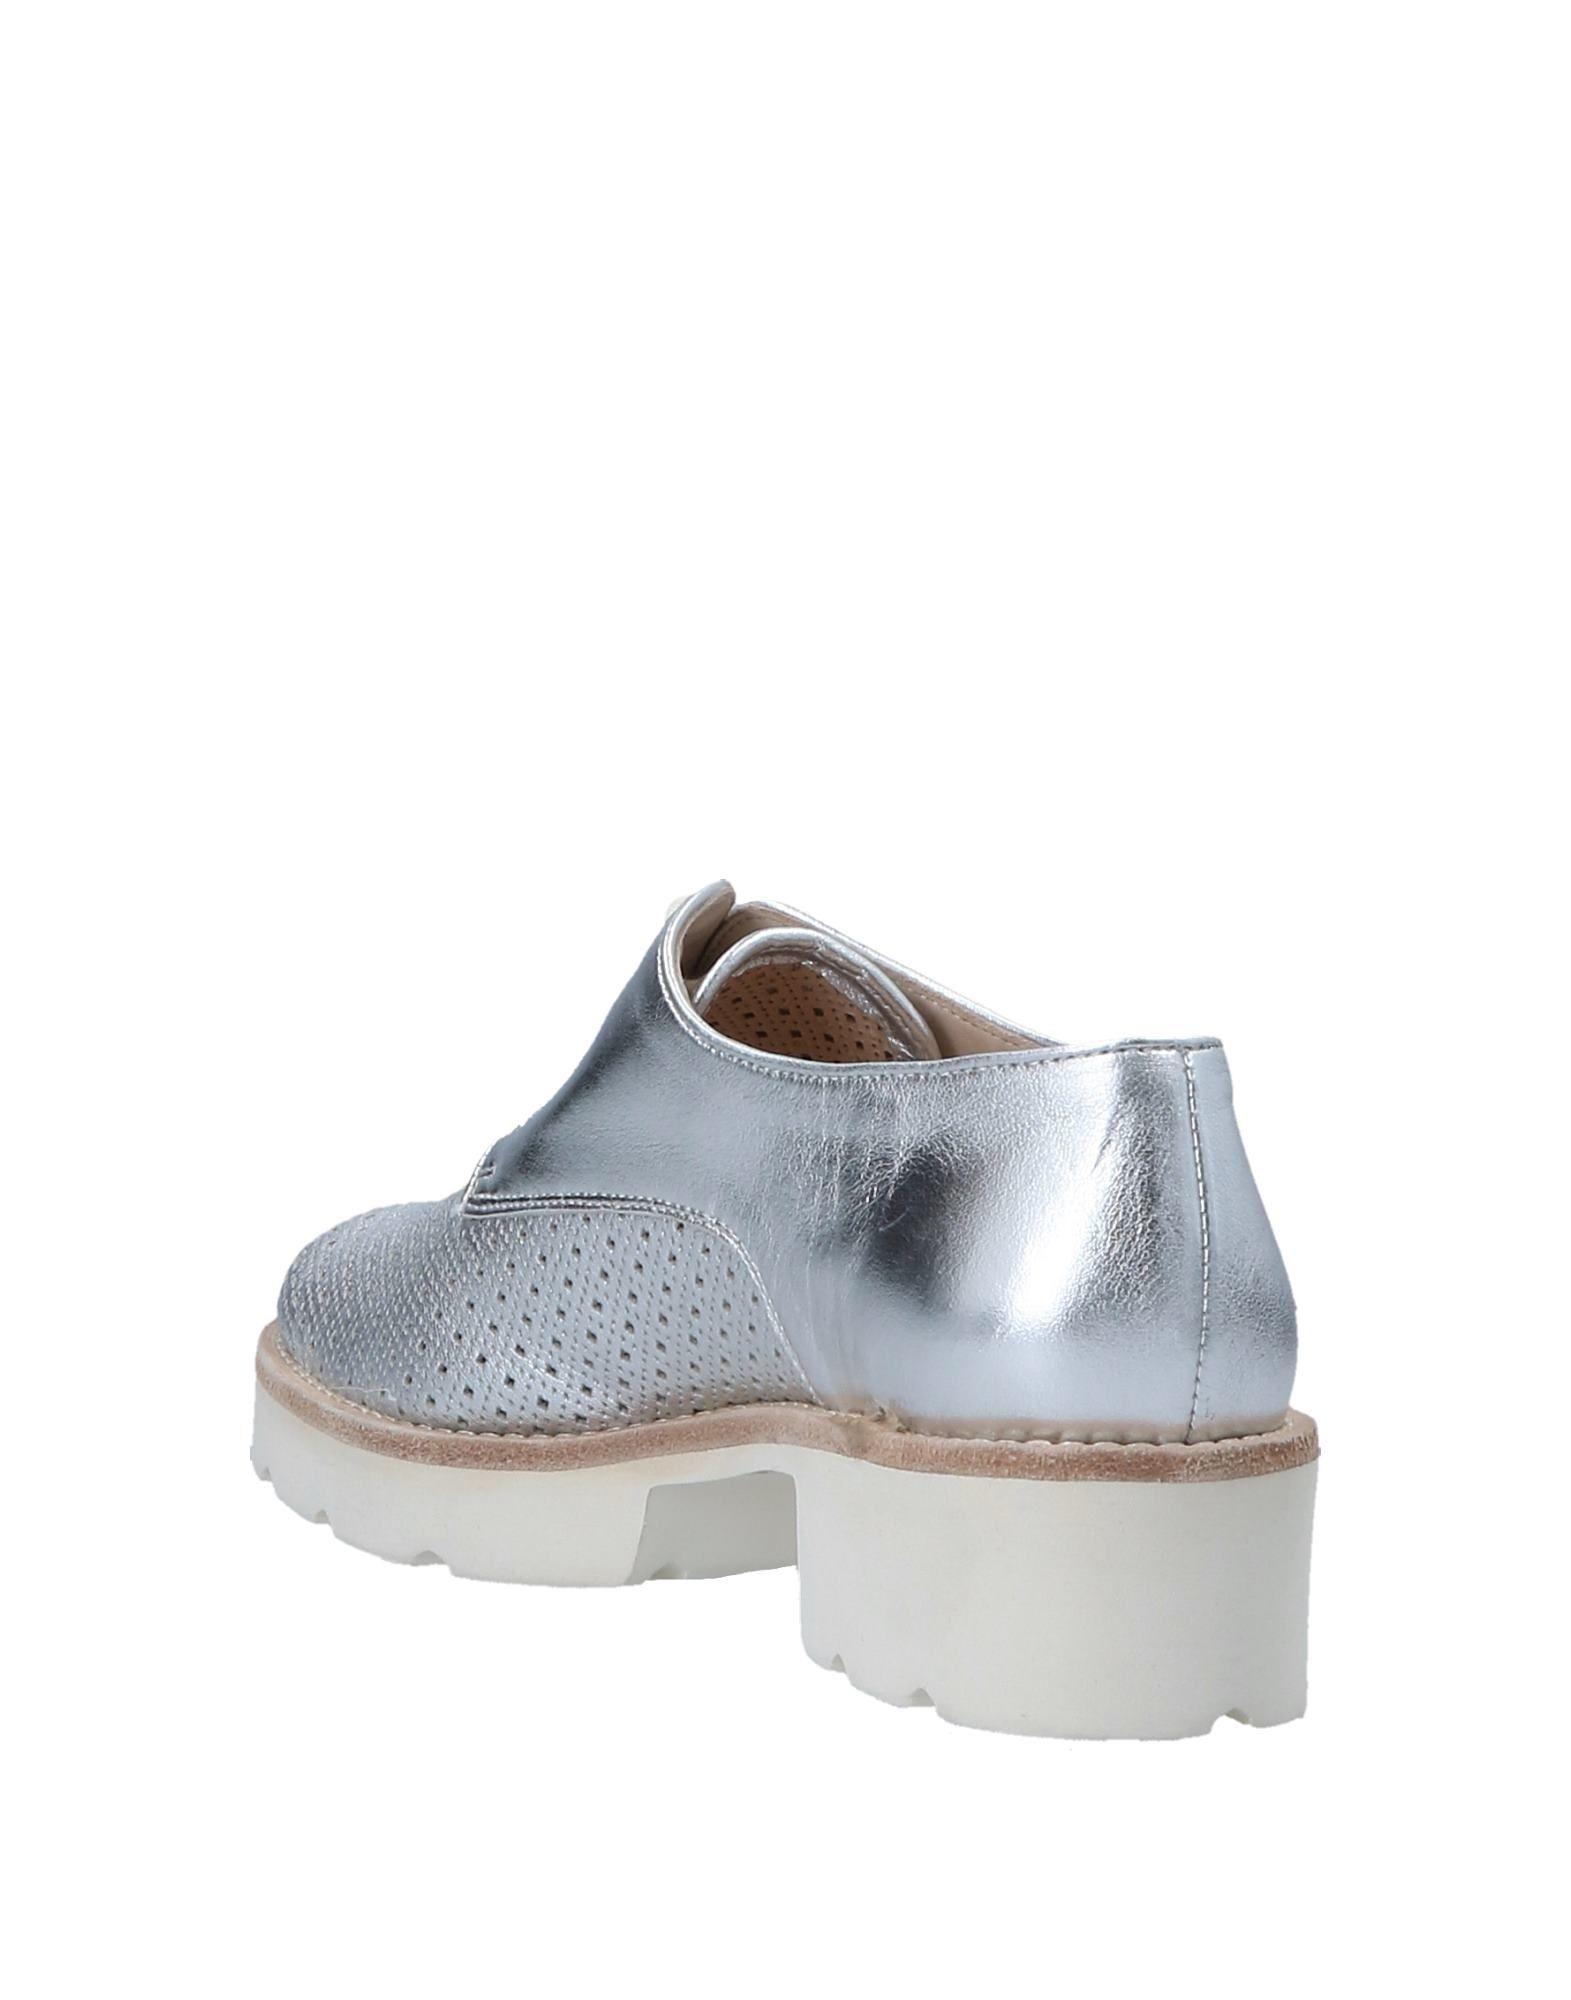 Footwear Antonio De Luca Silver Women's Leather